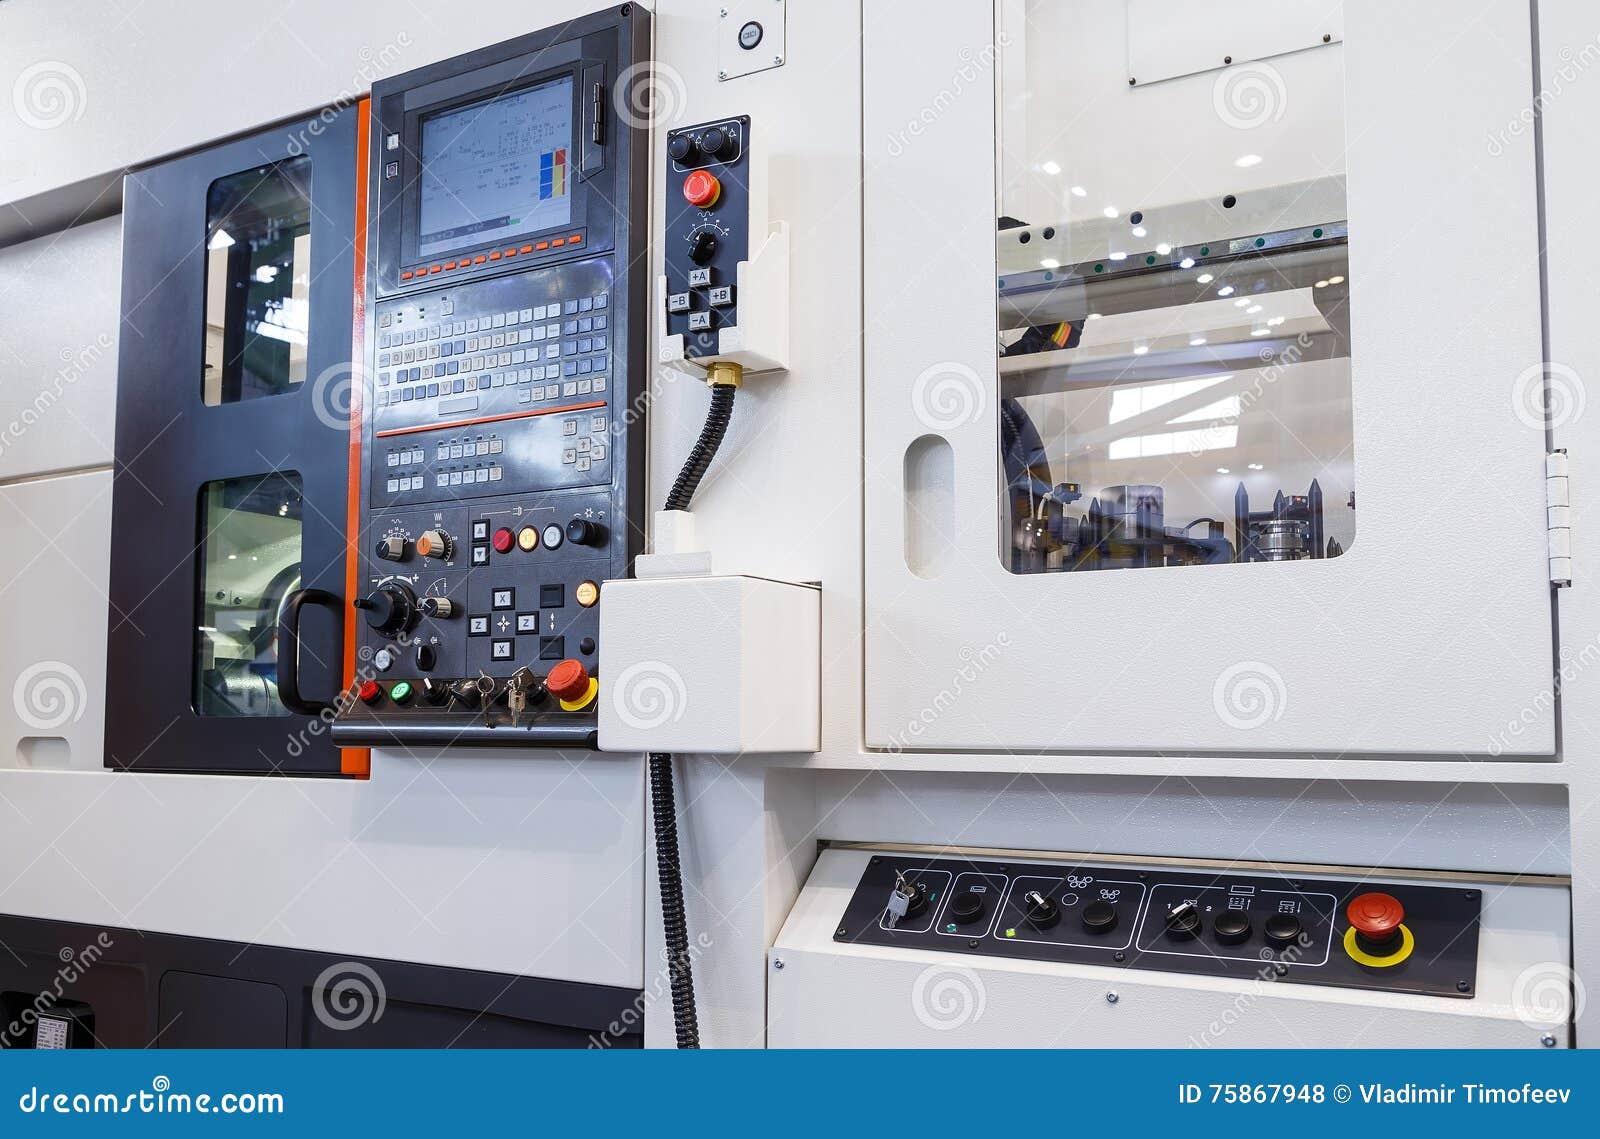 Βιομηχανικός εξοπλισμός cnc του κέντρου μηχανών άλεσης στο εργαστήριο κατασκευής εργαλείων